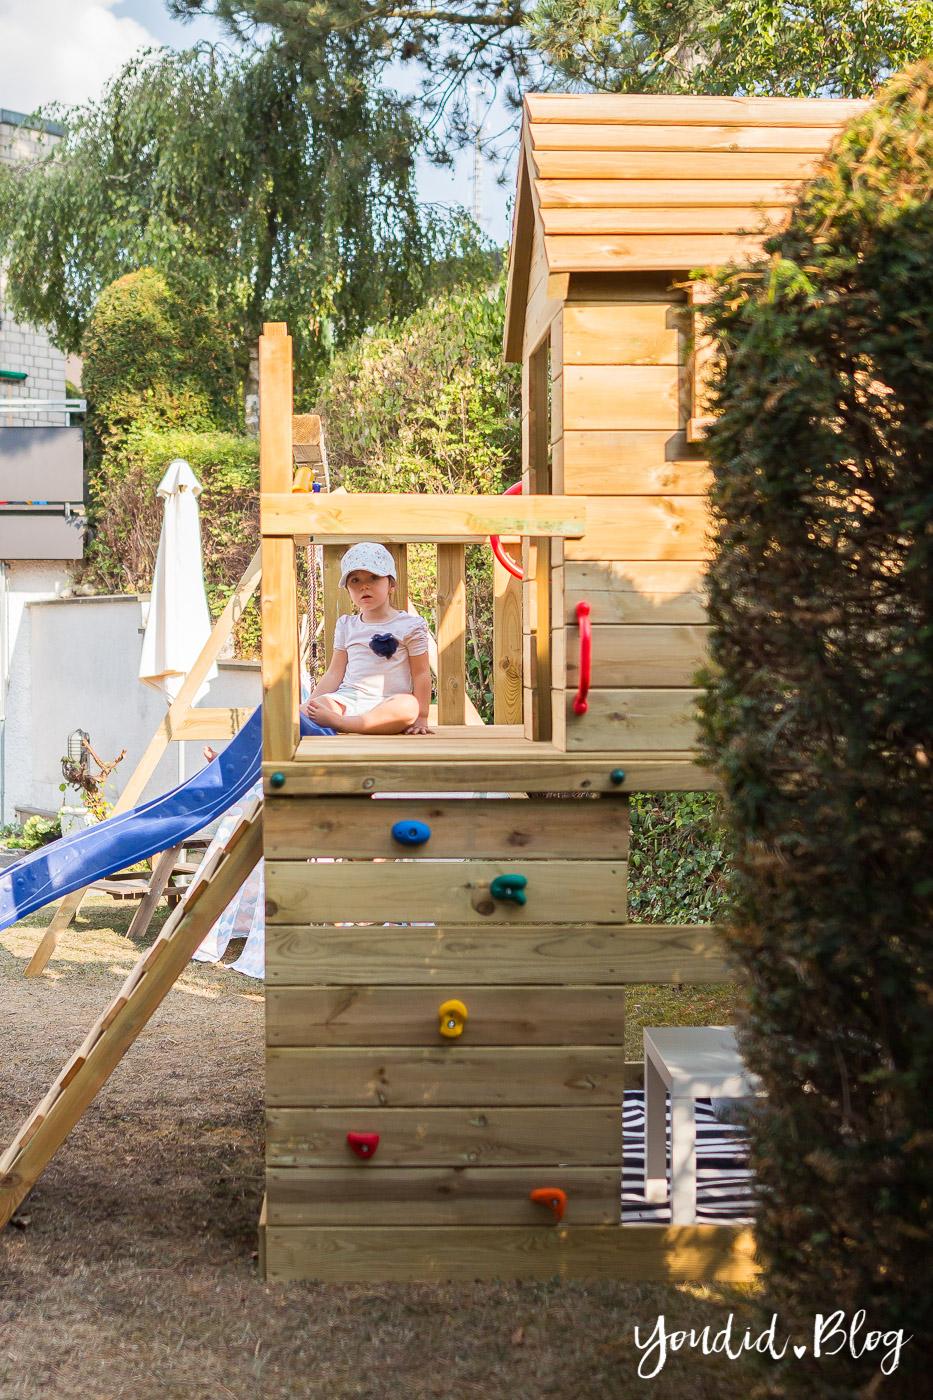 Ein Kletterturm Mit Rutsche Sandkasten Schaukel Und Spielhaus